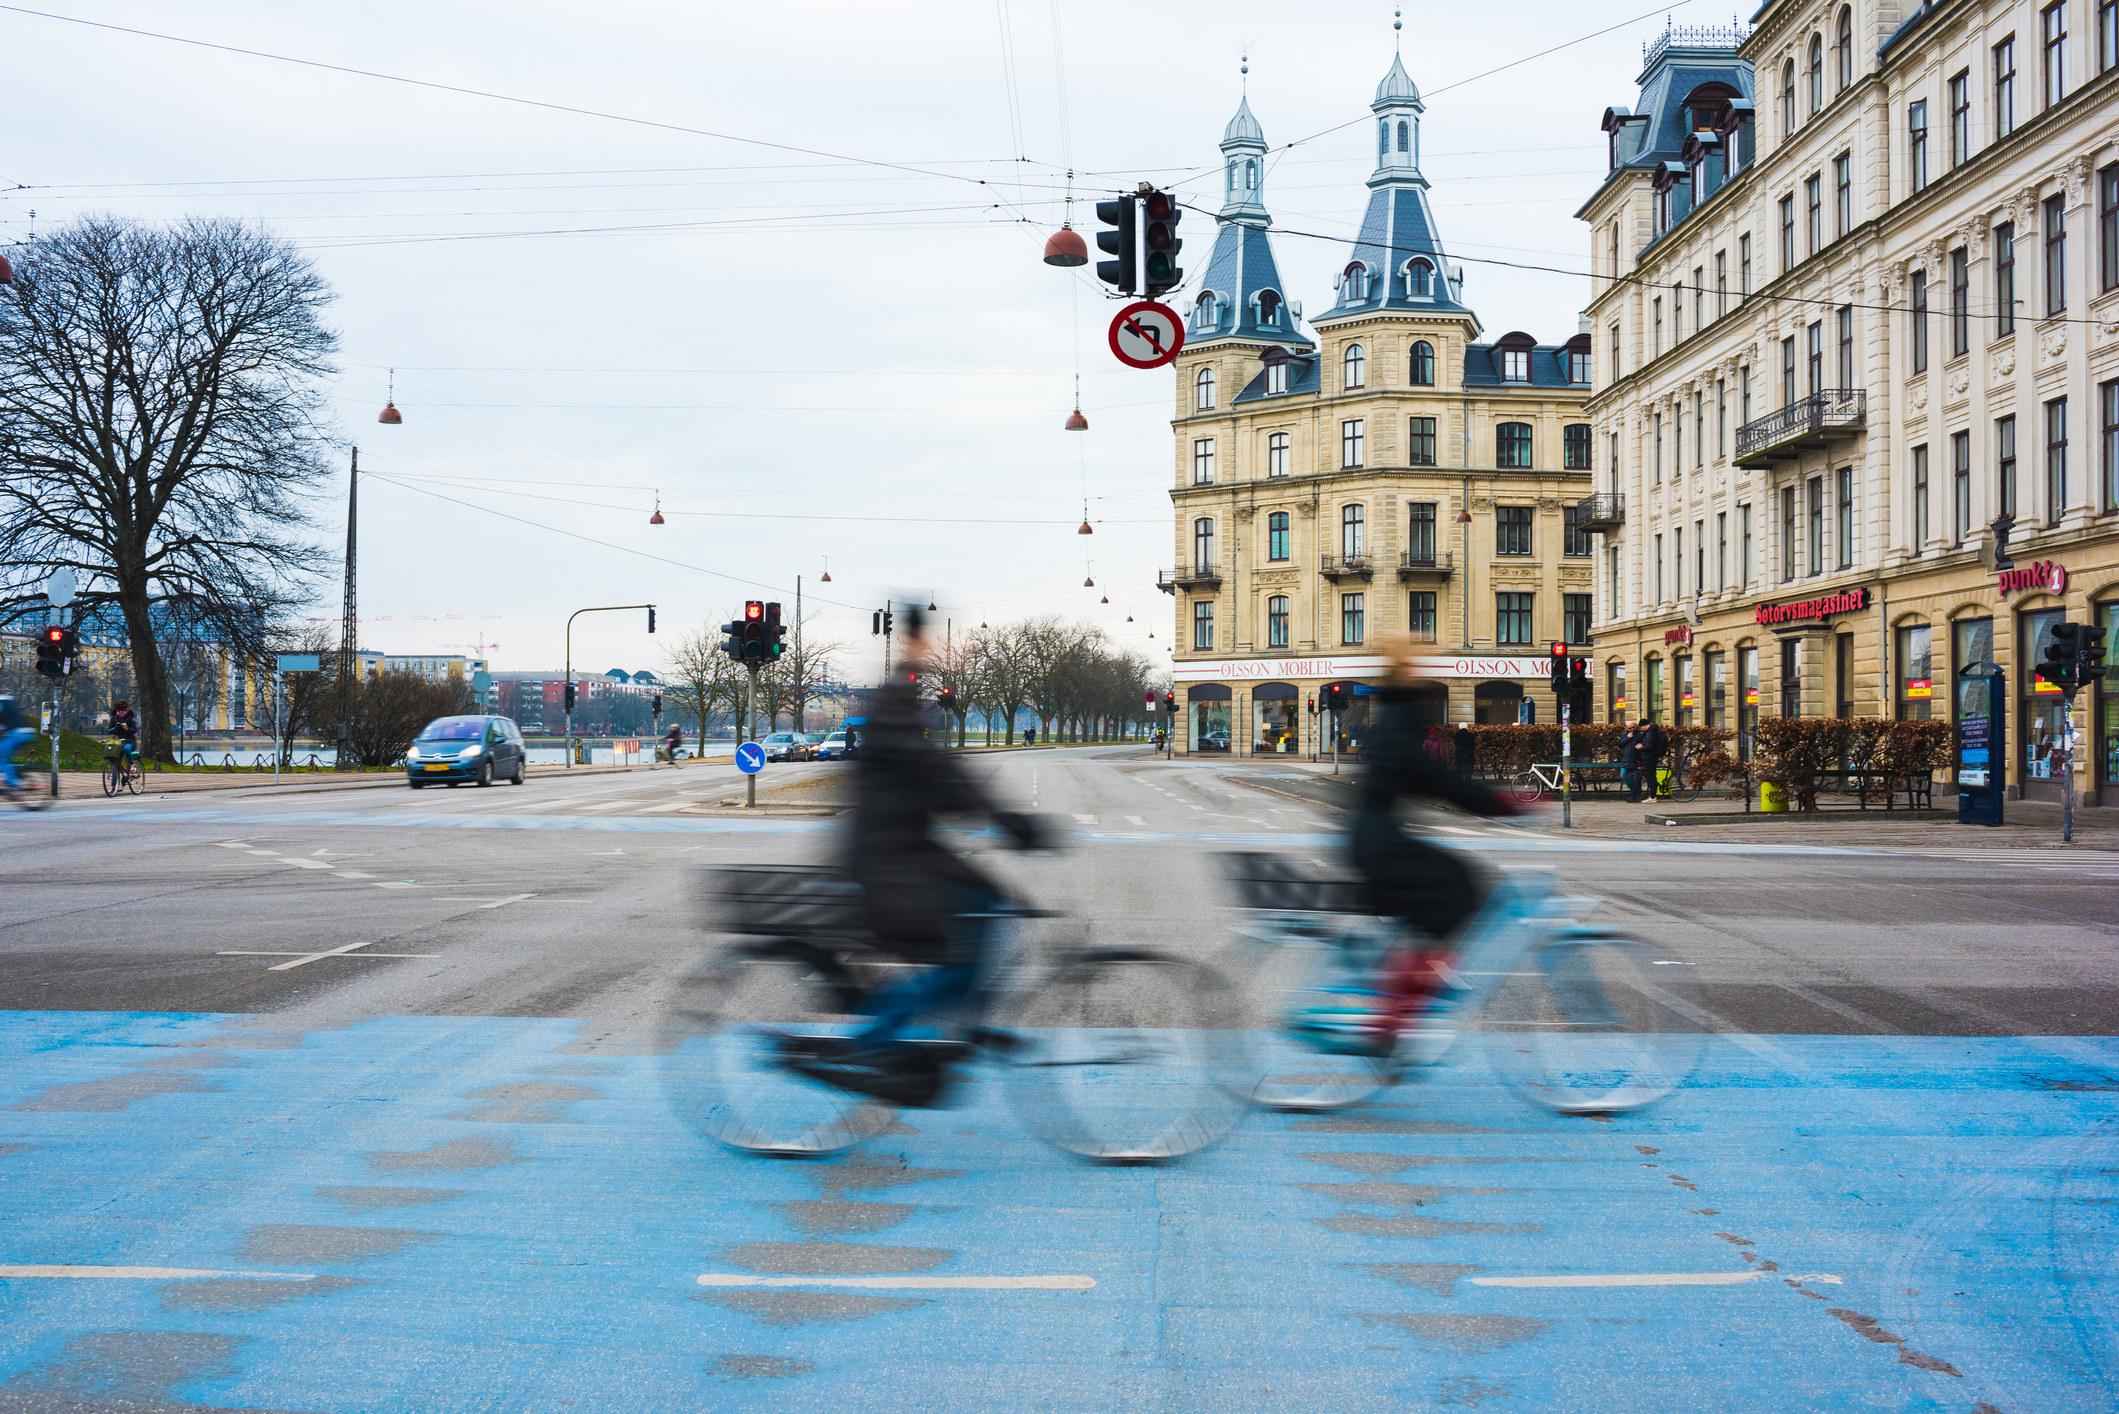 People bike riding in Copenhagen.